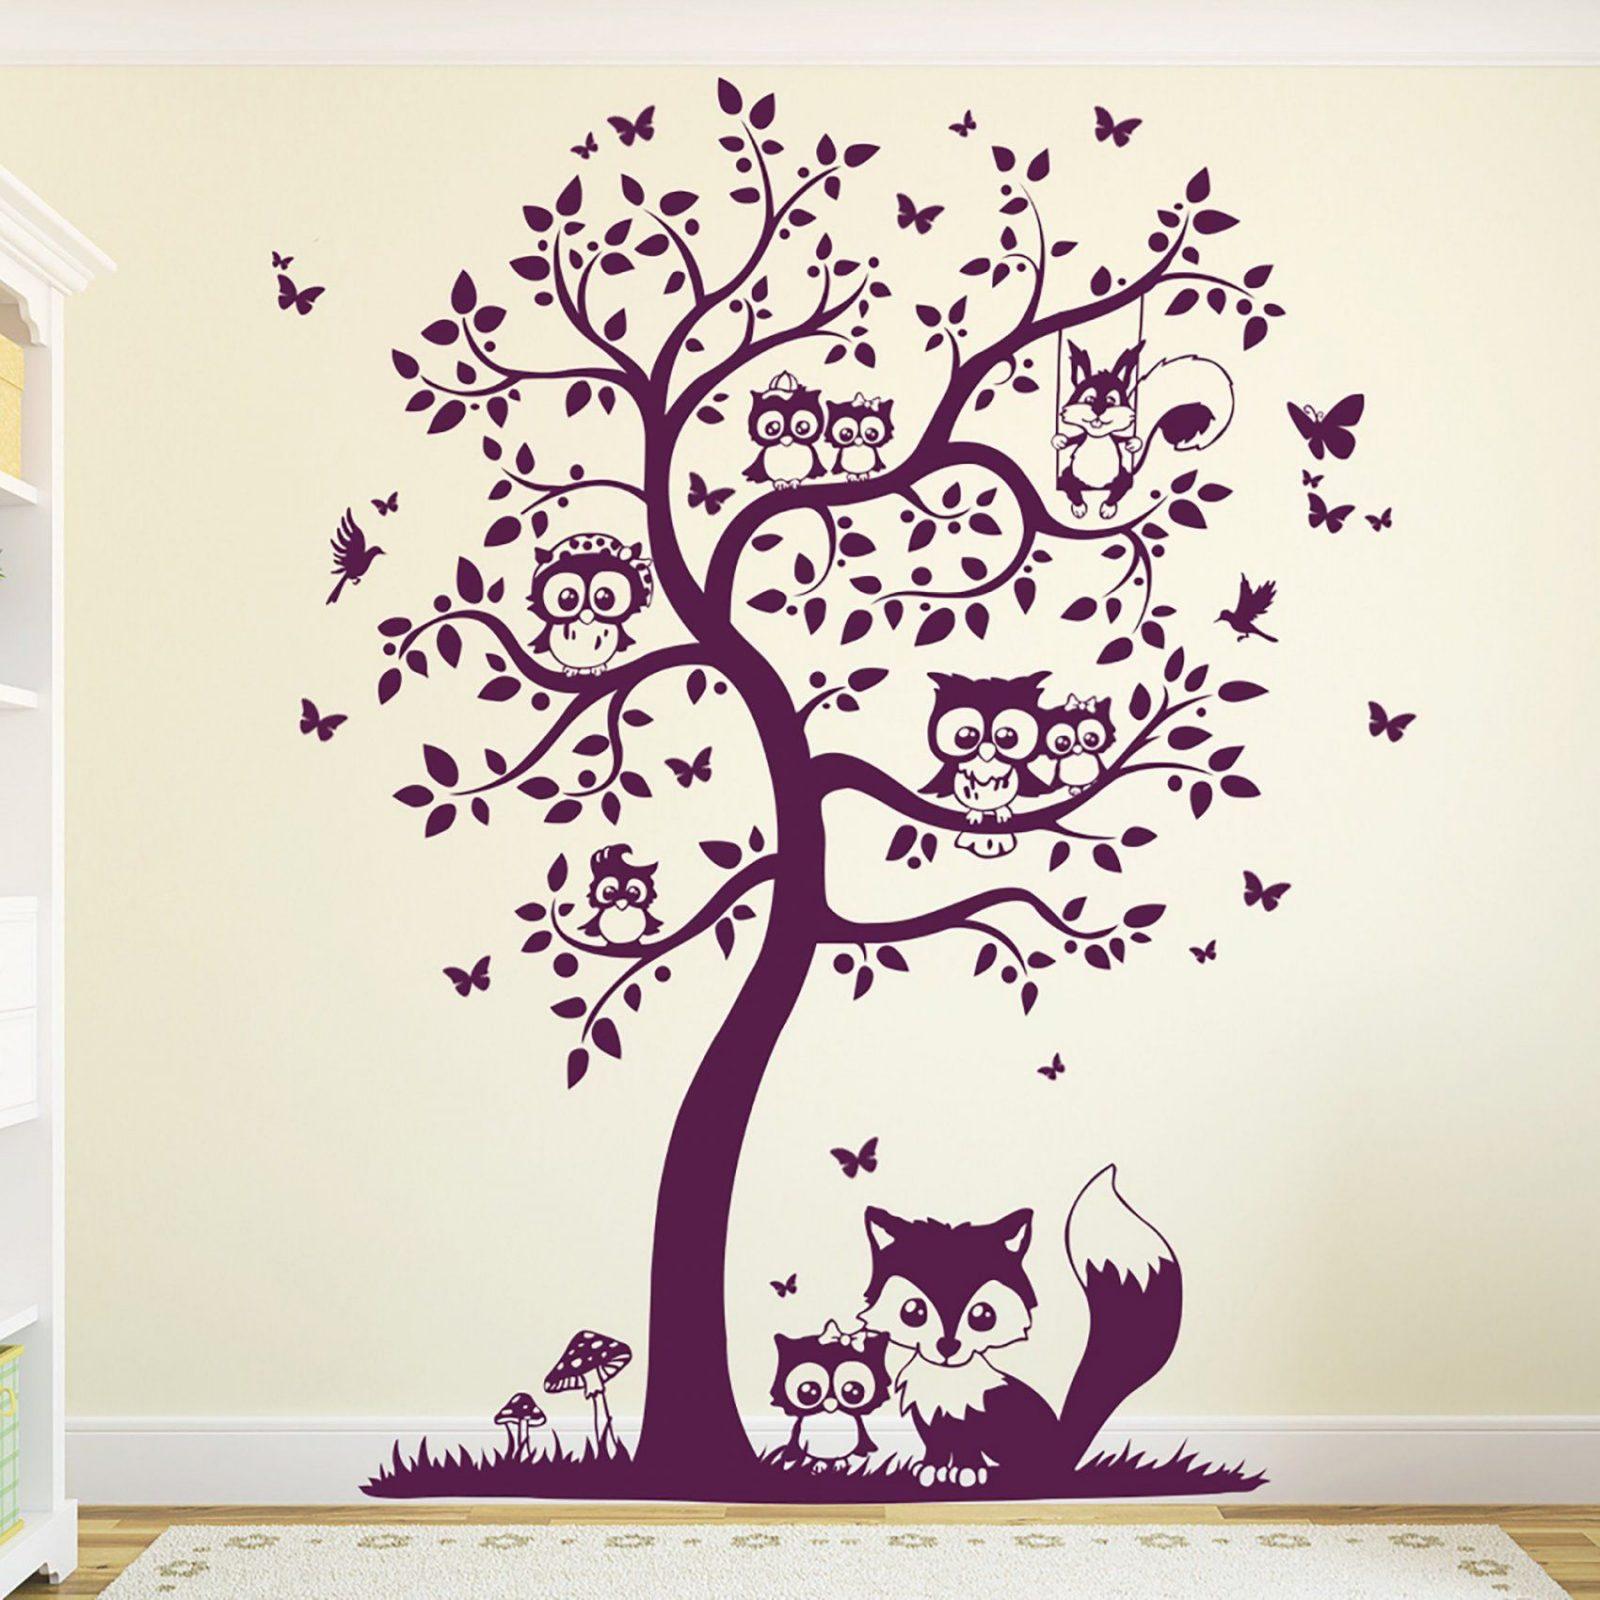 Wandtattoo Baum Mit Eulen Eulenbaum Eule M1542  Wandtattoos von Wandtattoo Baum Mit Eulen Photo